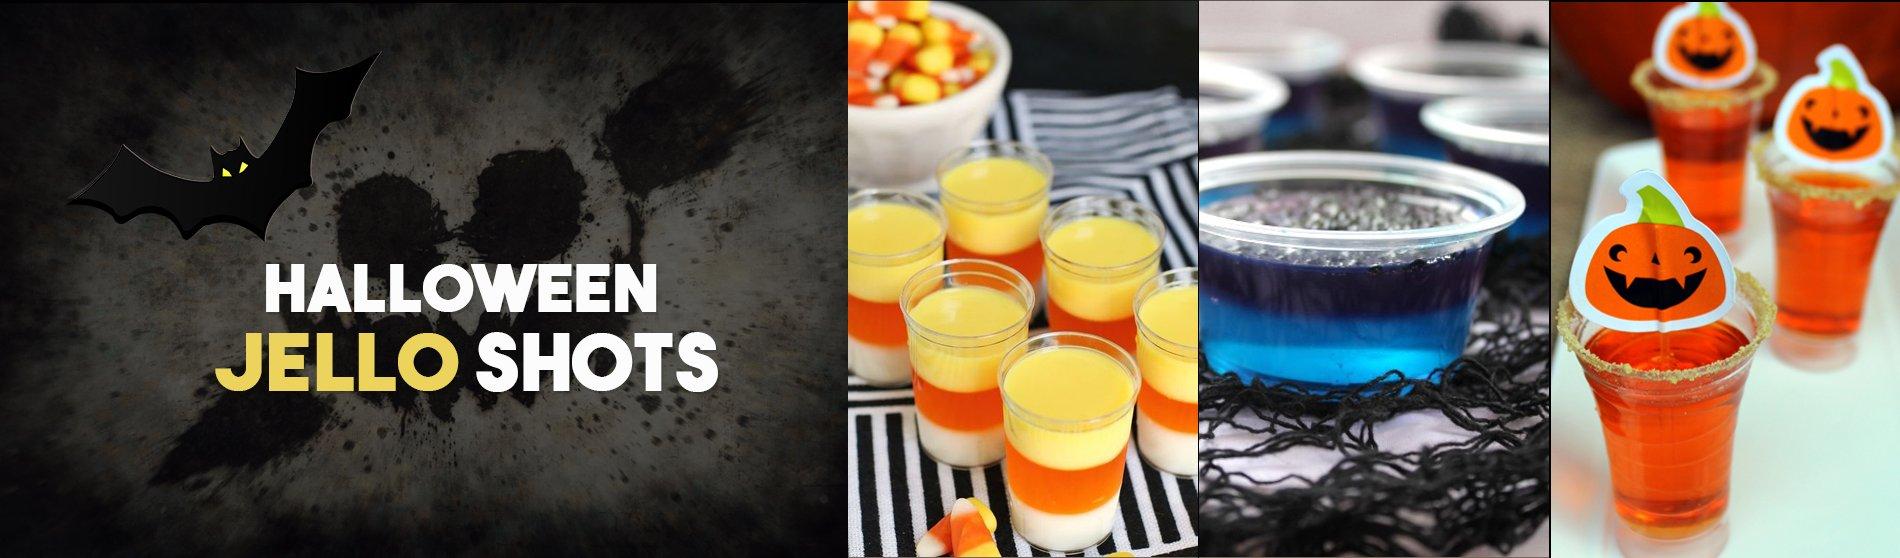 Halloween-Jello-Shots